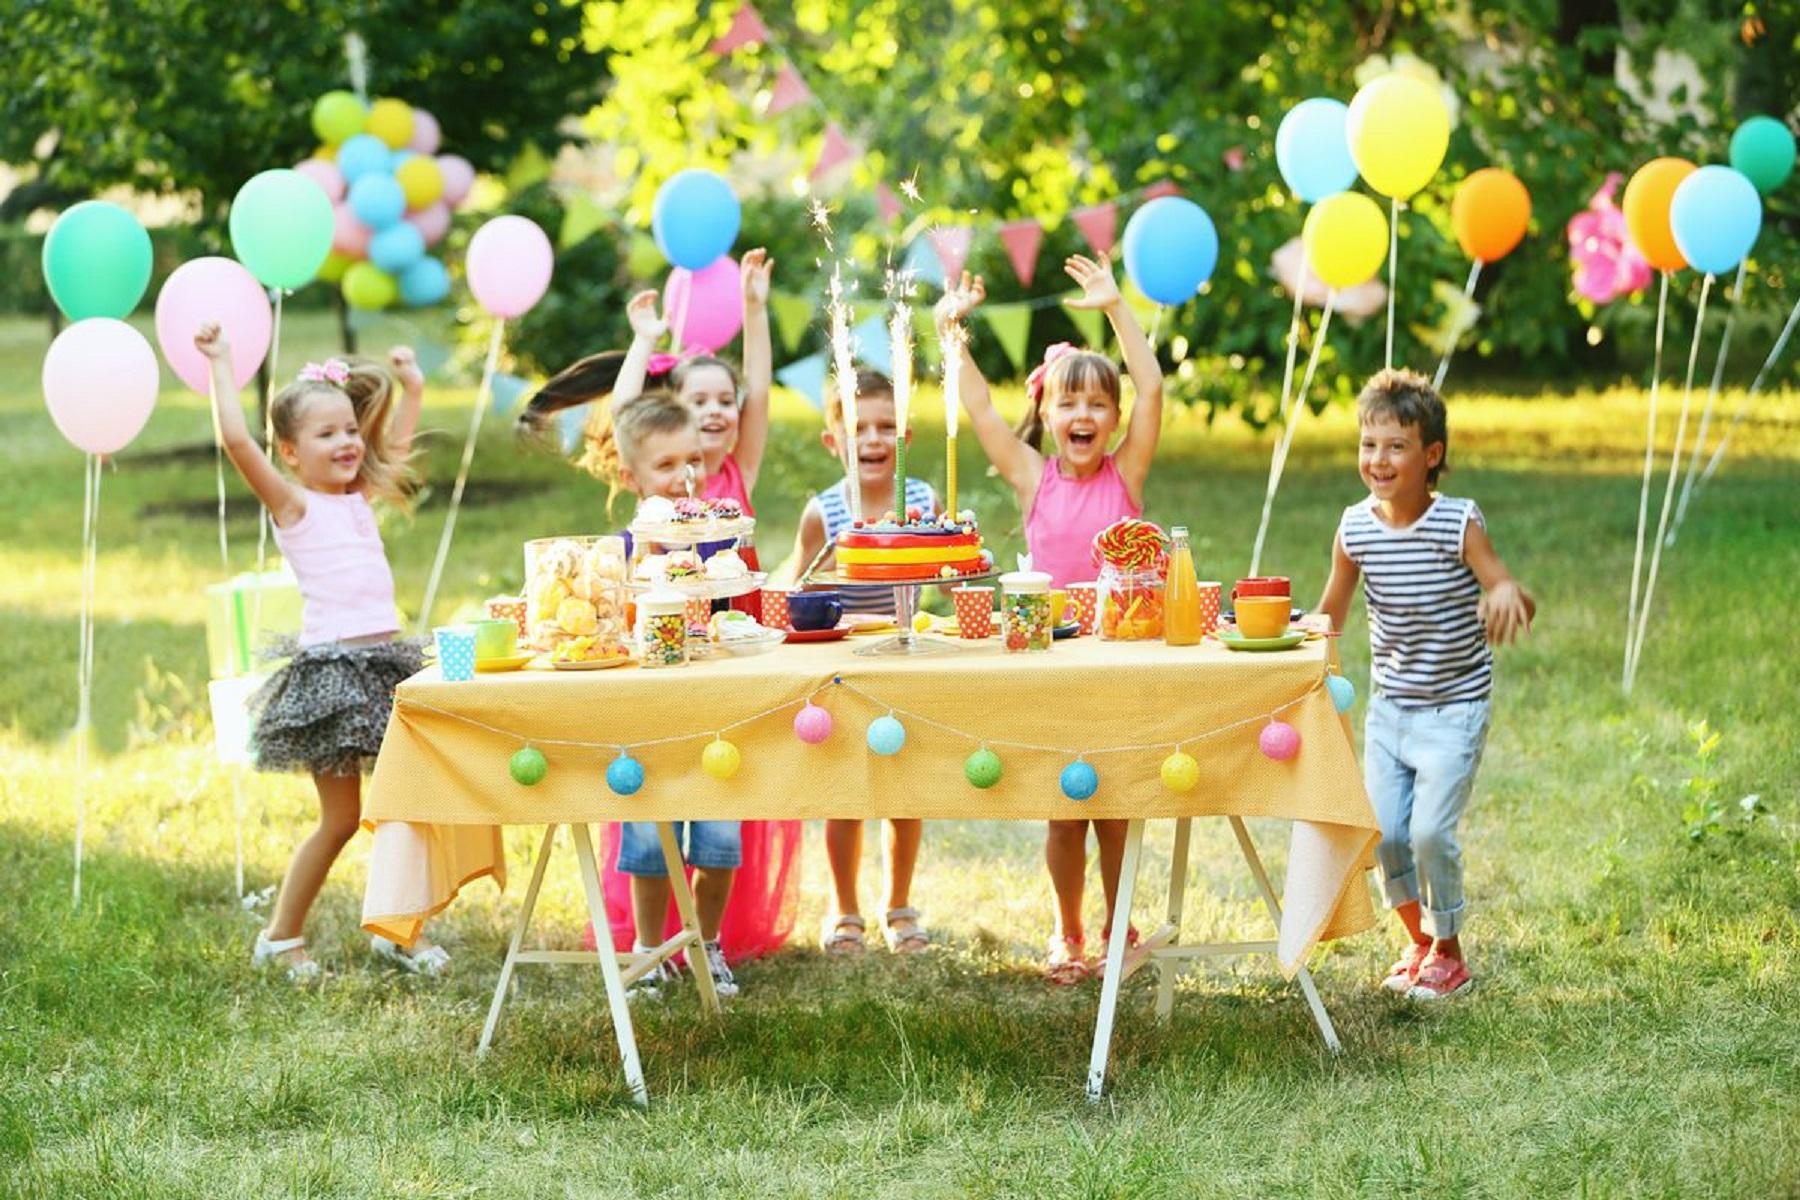 Παιδικά Γενέθλια: Μπορεί να έχουν τροφοδοτήσει τη διάδοση της COVID-19, ισχυρίζονται οι μελέτες